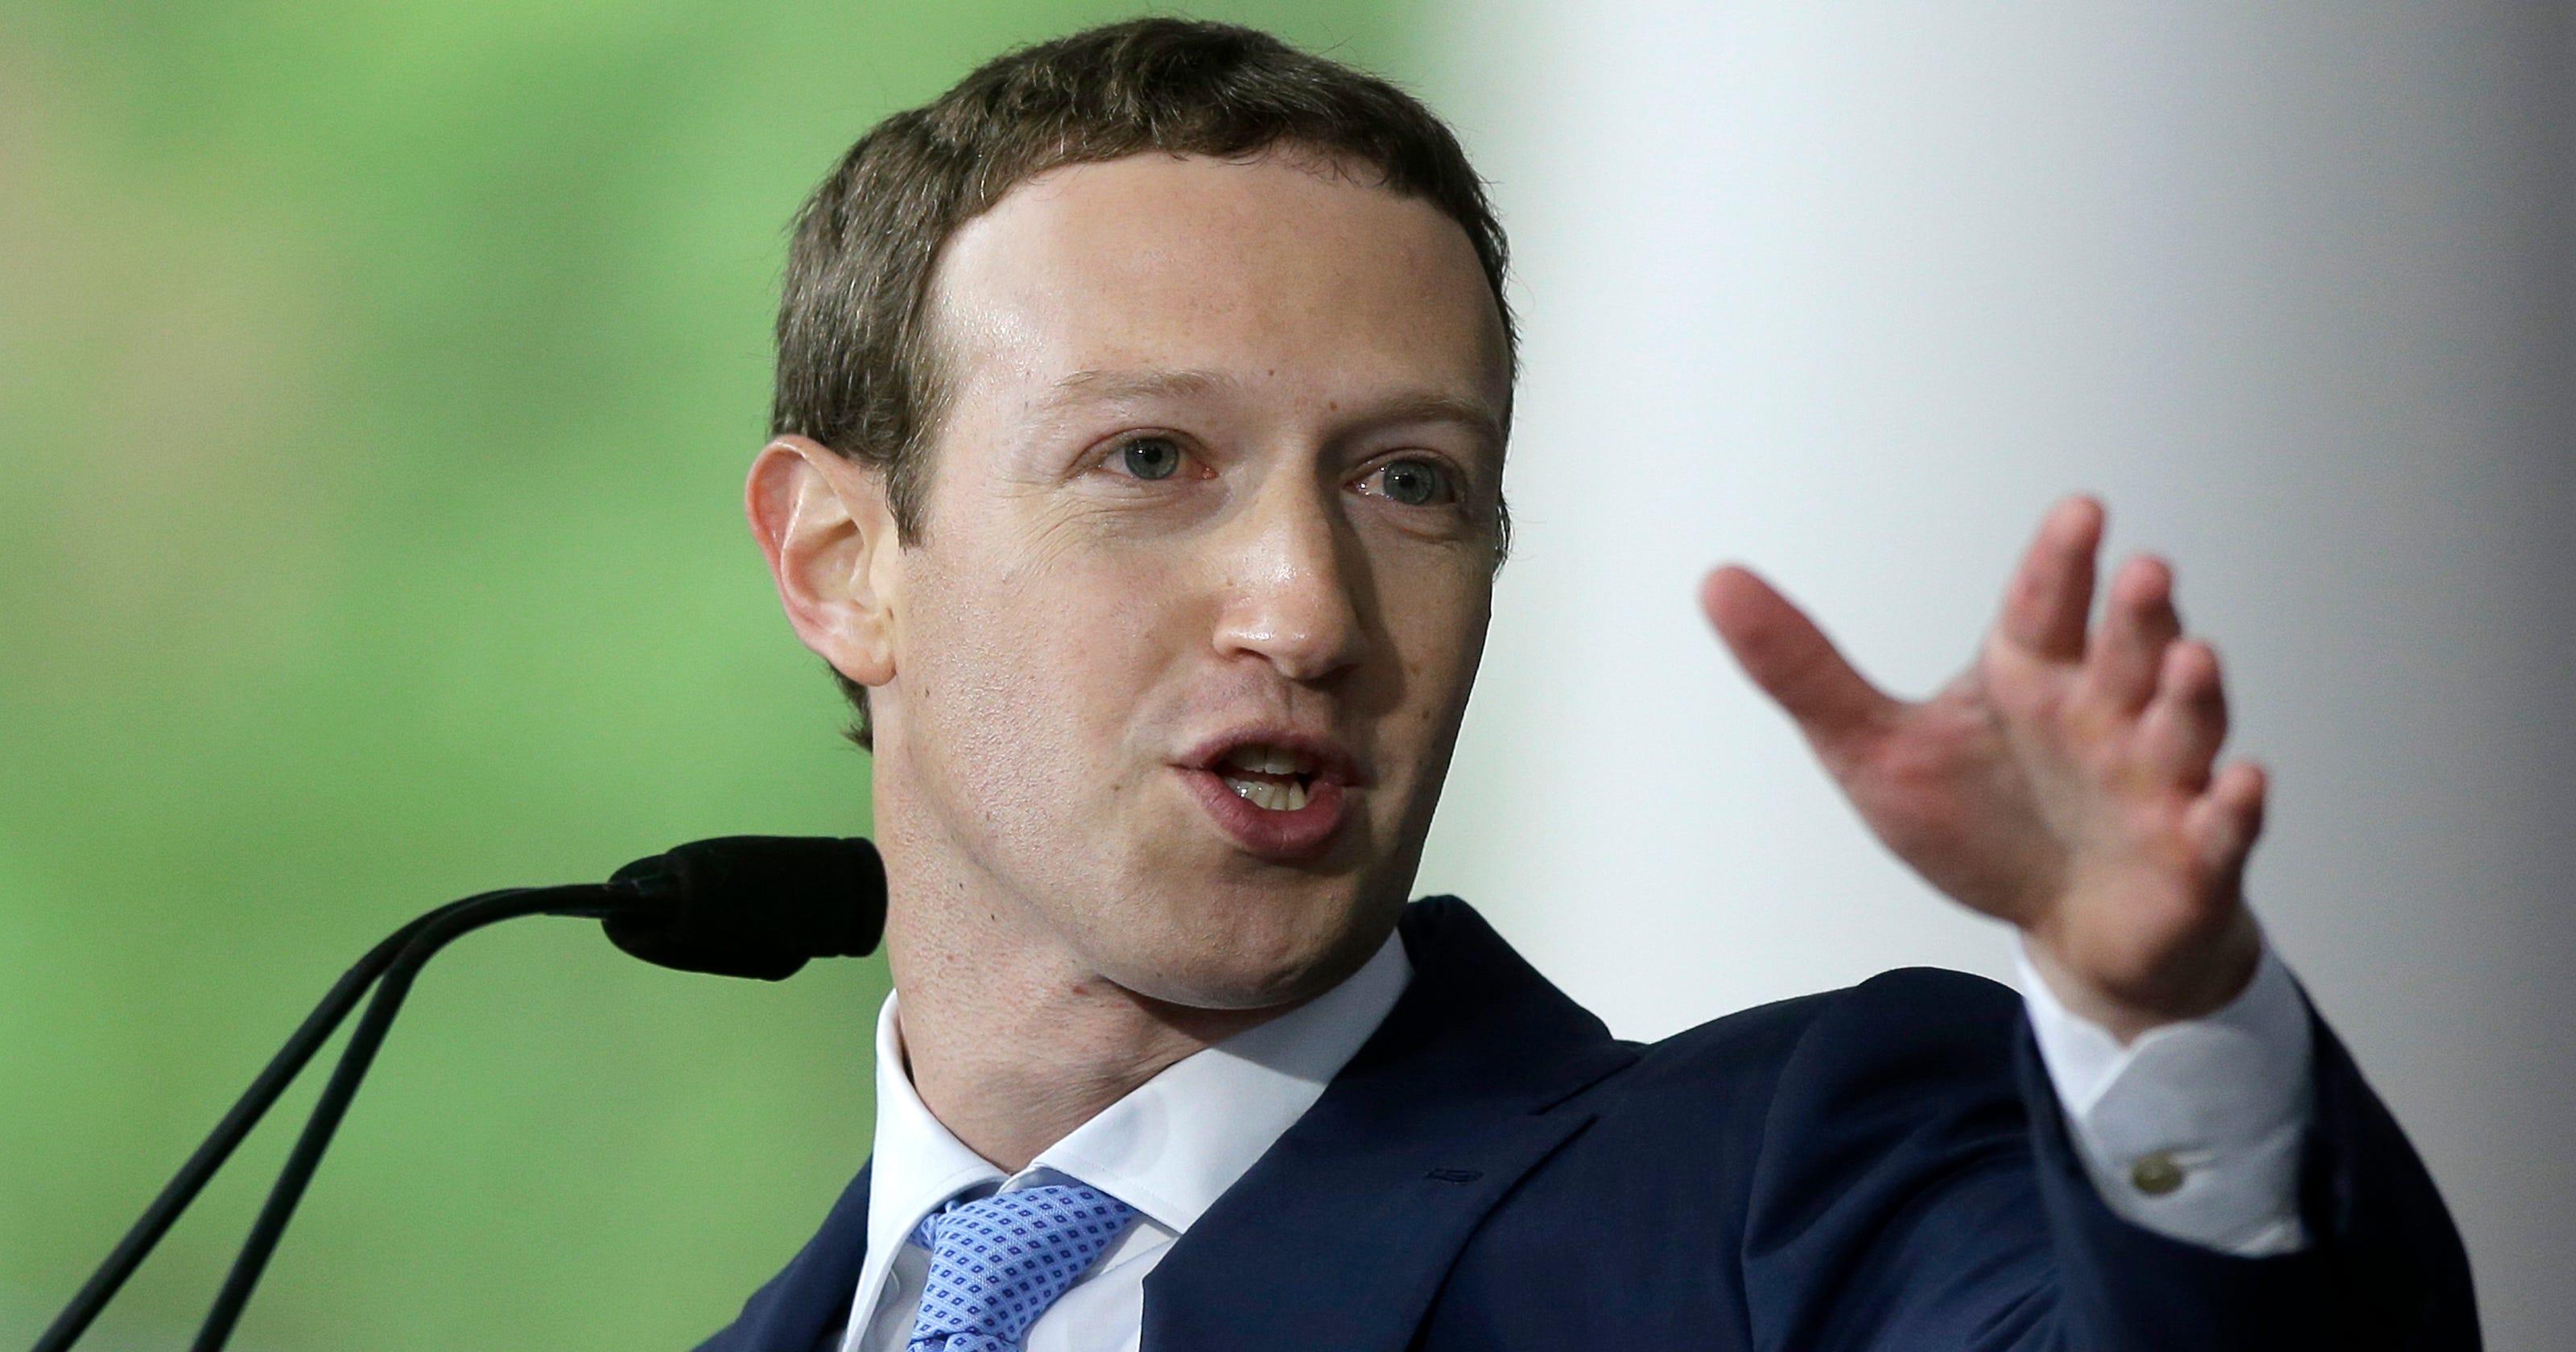 Facebook fine: FTC fines company $5 billion for privacy